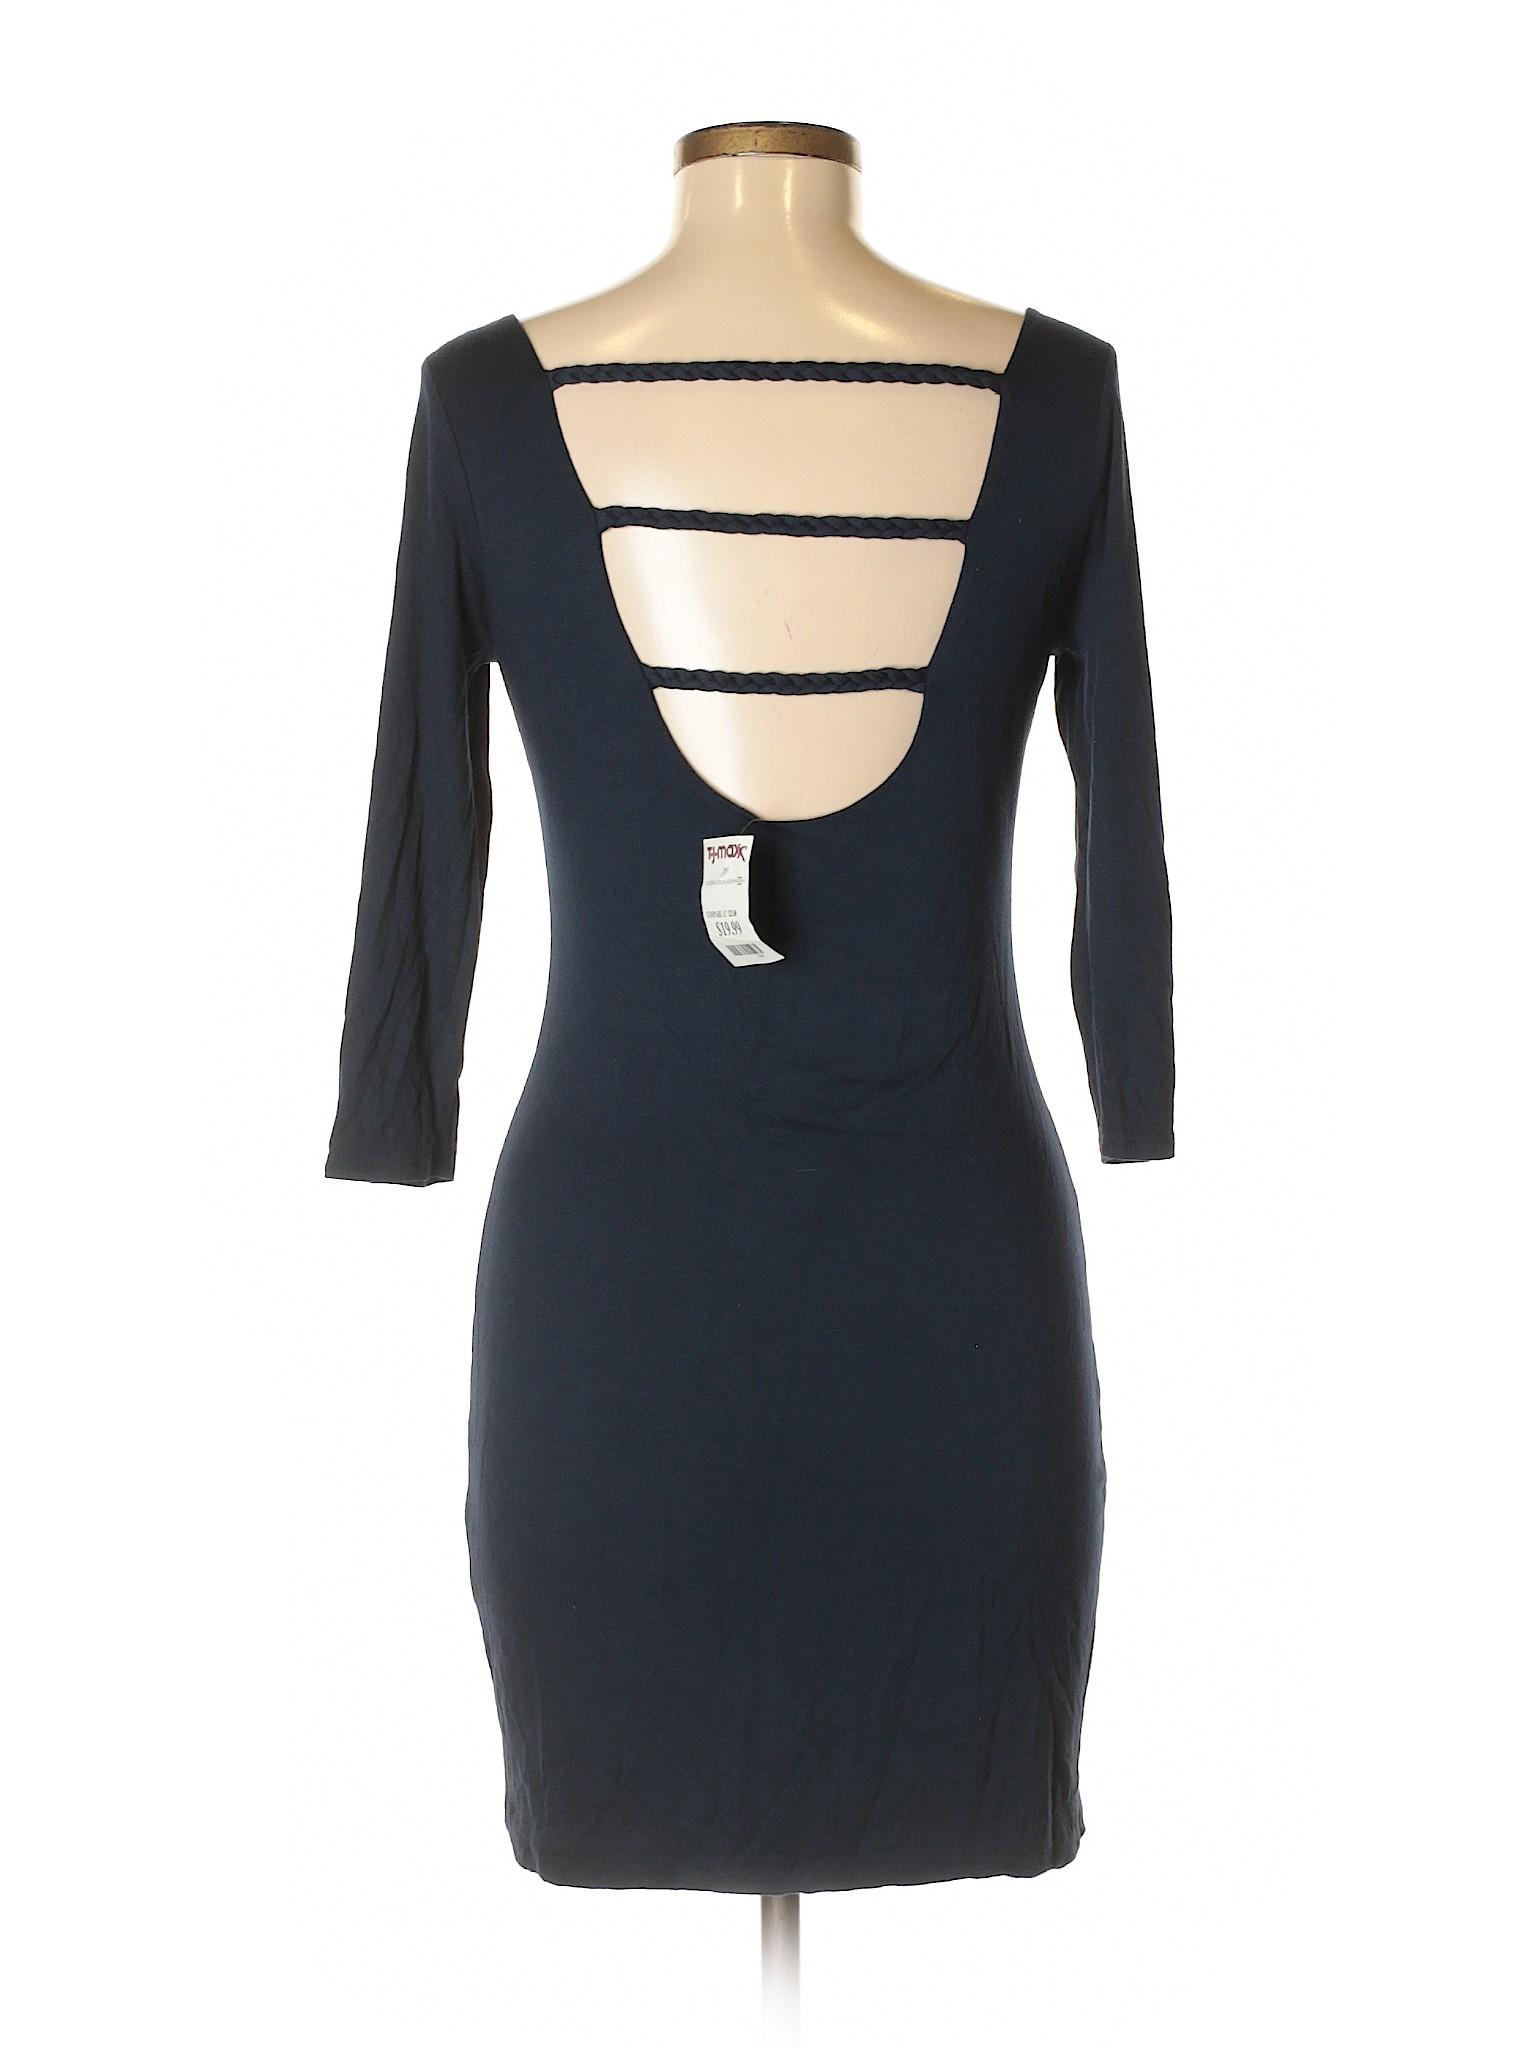 Boutique Soprano Casual Dress Boutique winter winter gfR5xqRwF